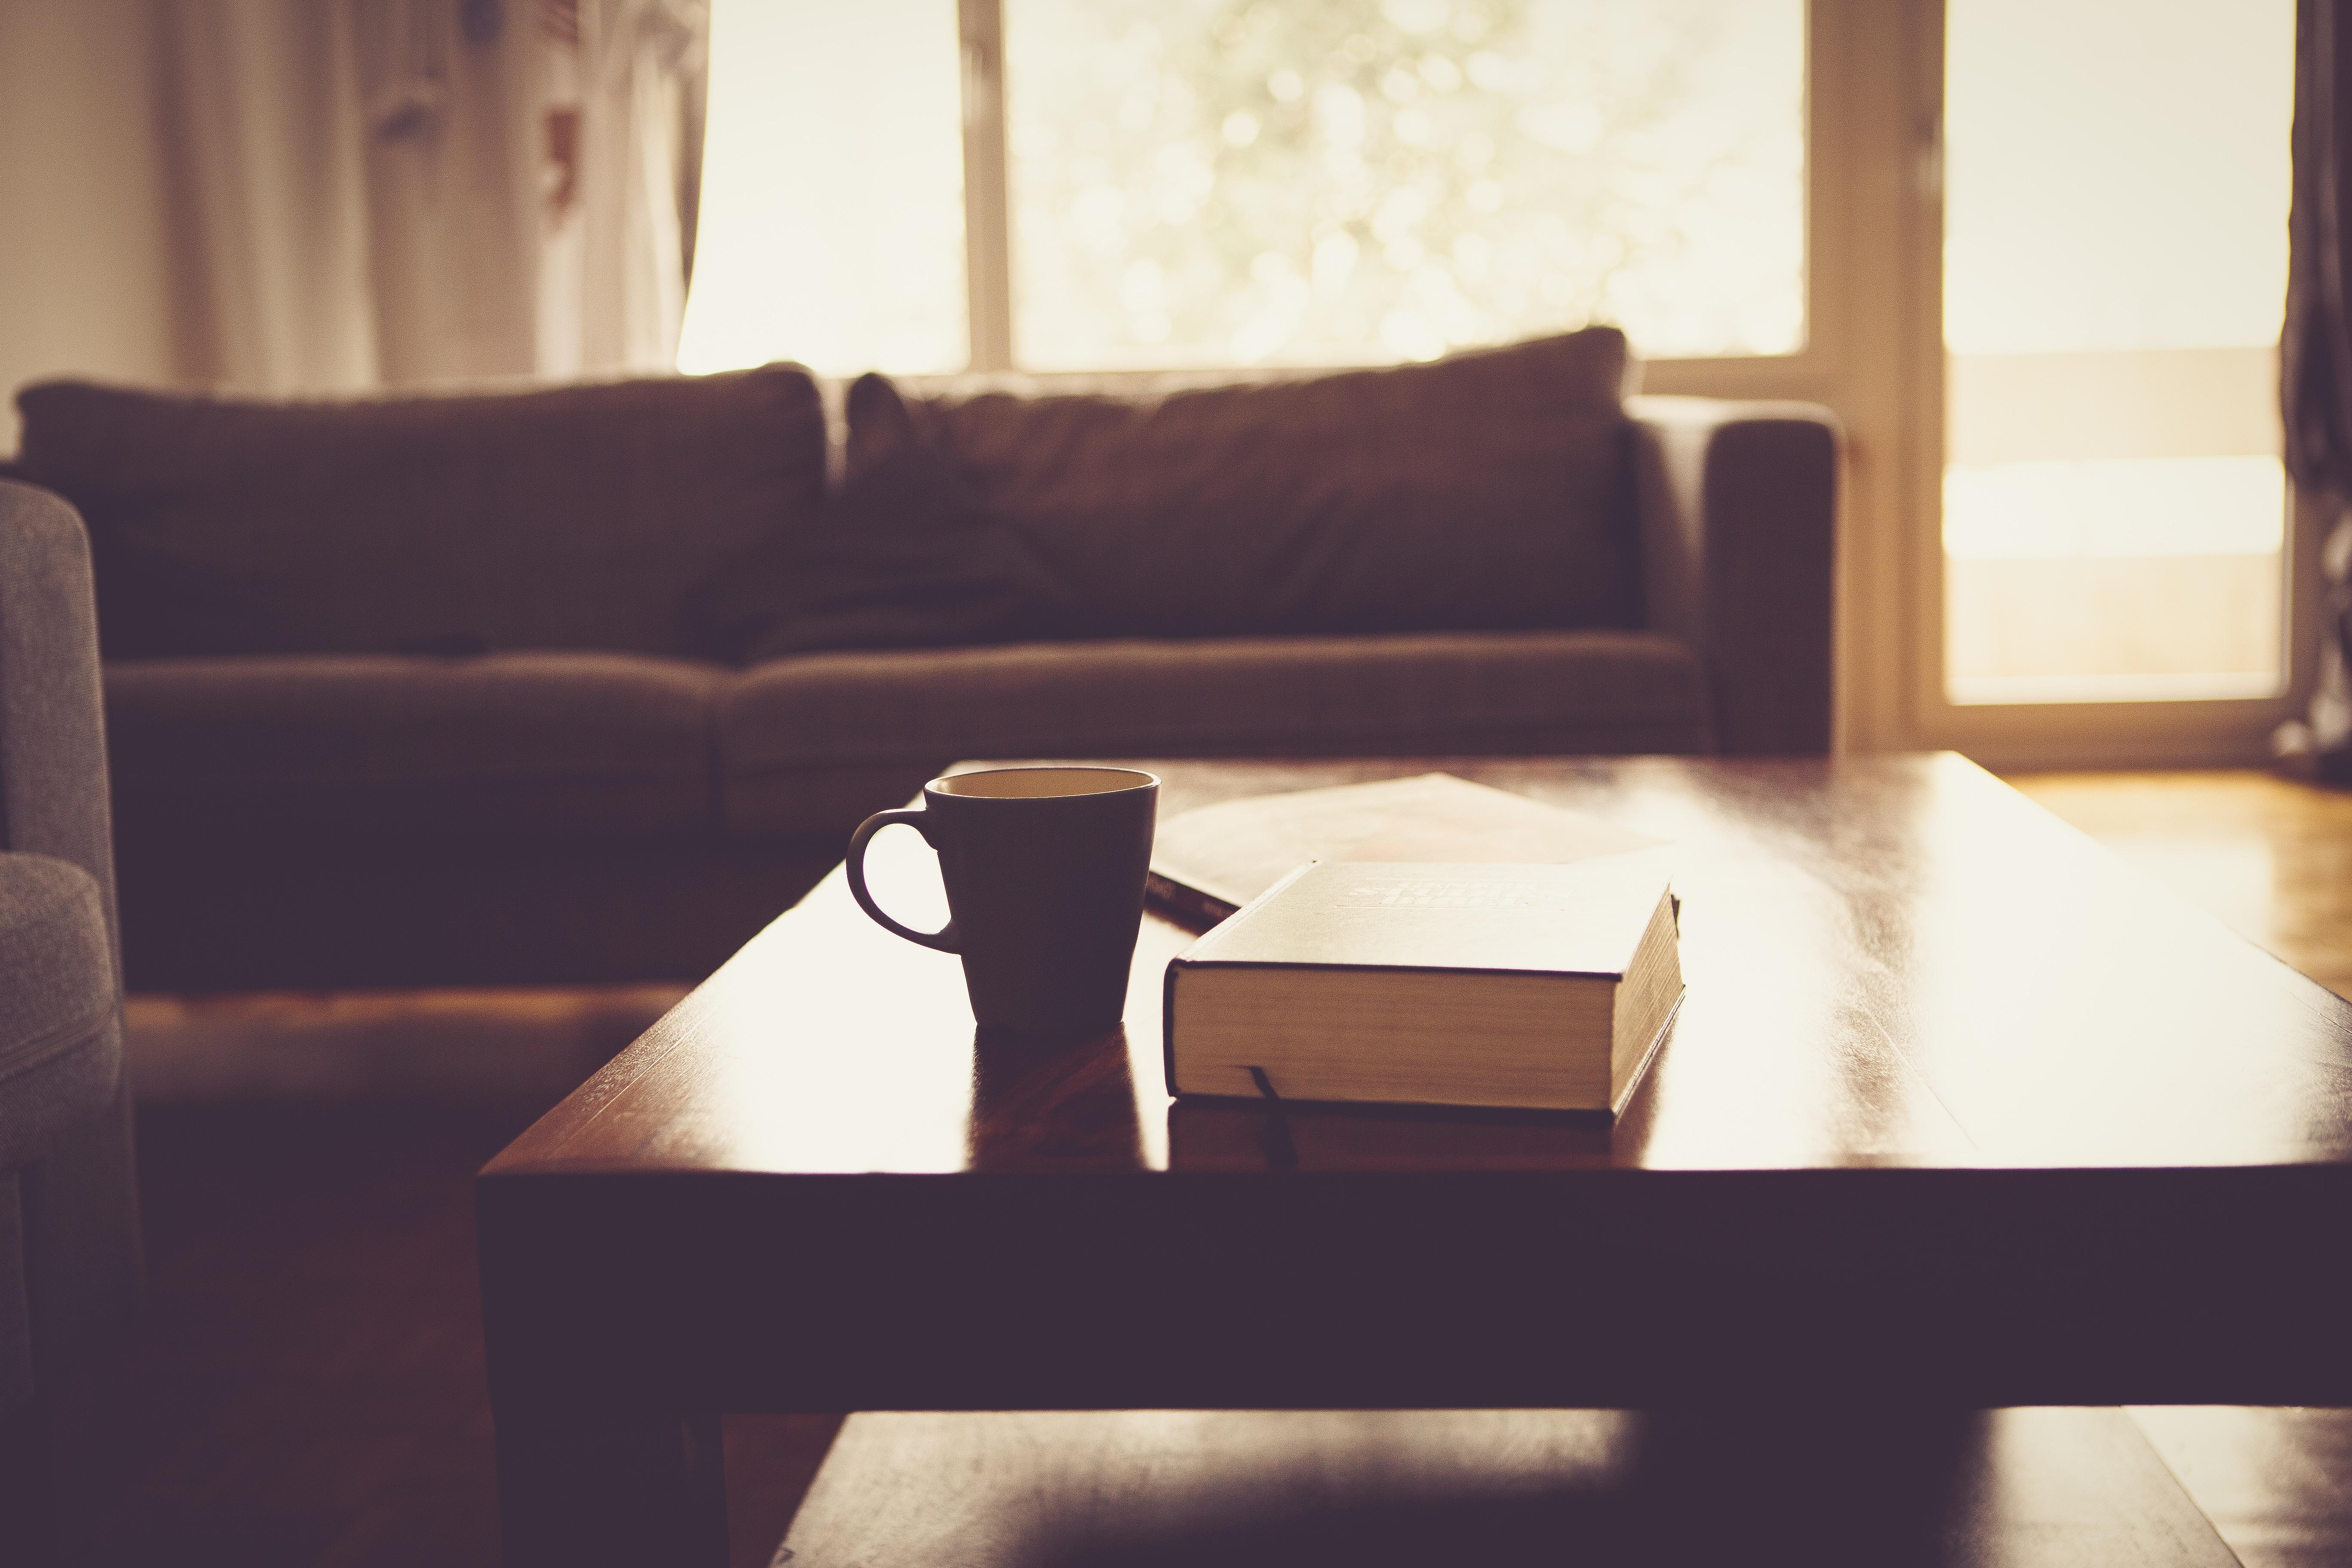 Fotos gratis : mesa, libro, novela, ligero, madera, casa, vaso ...